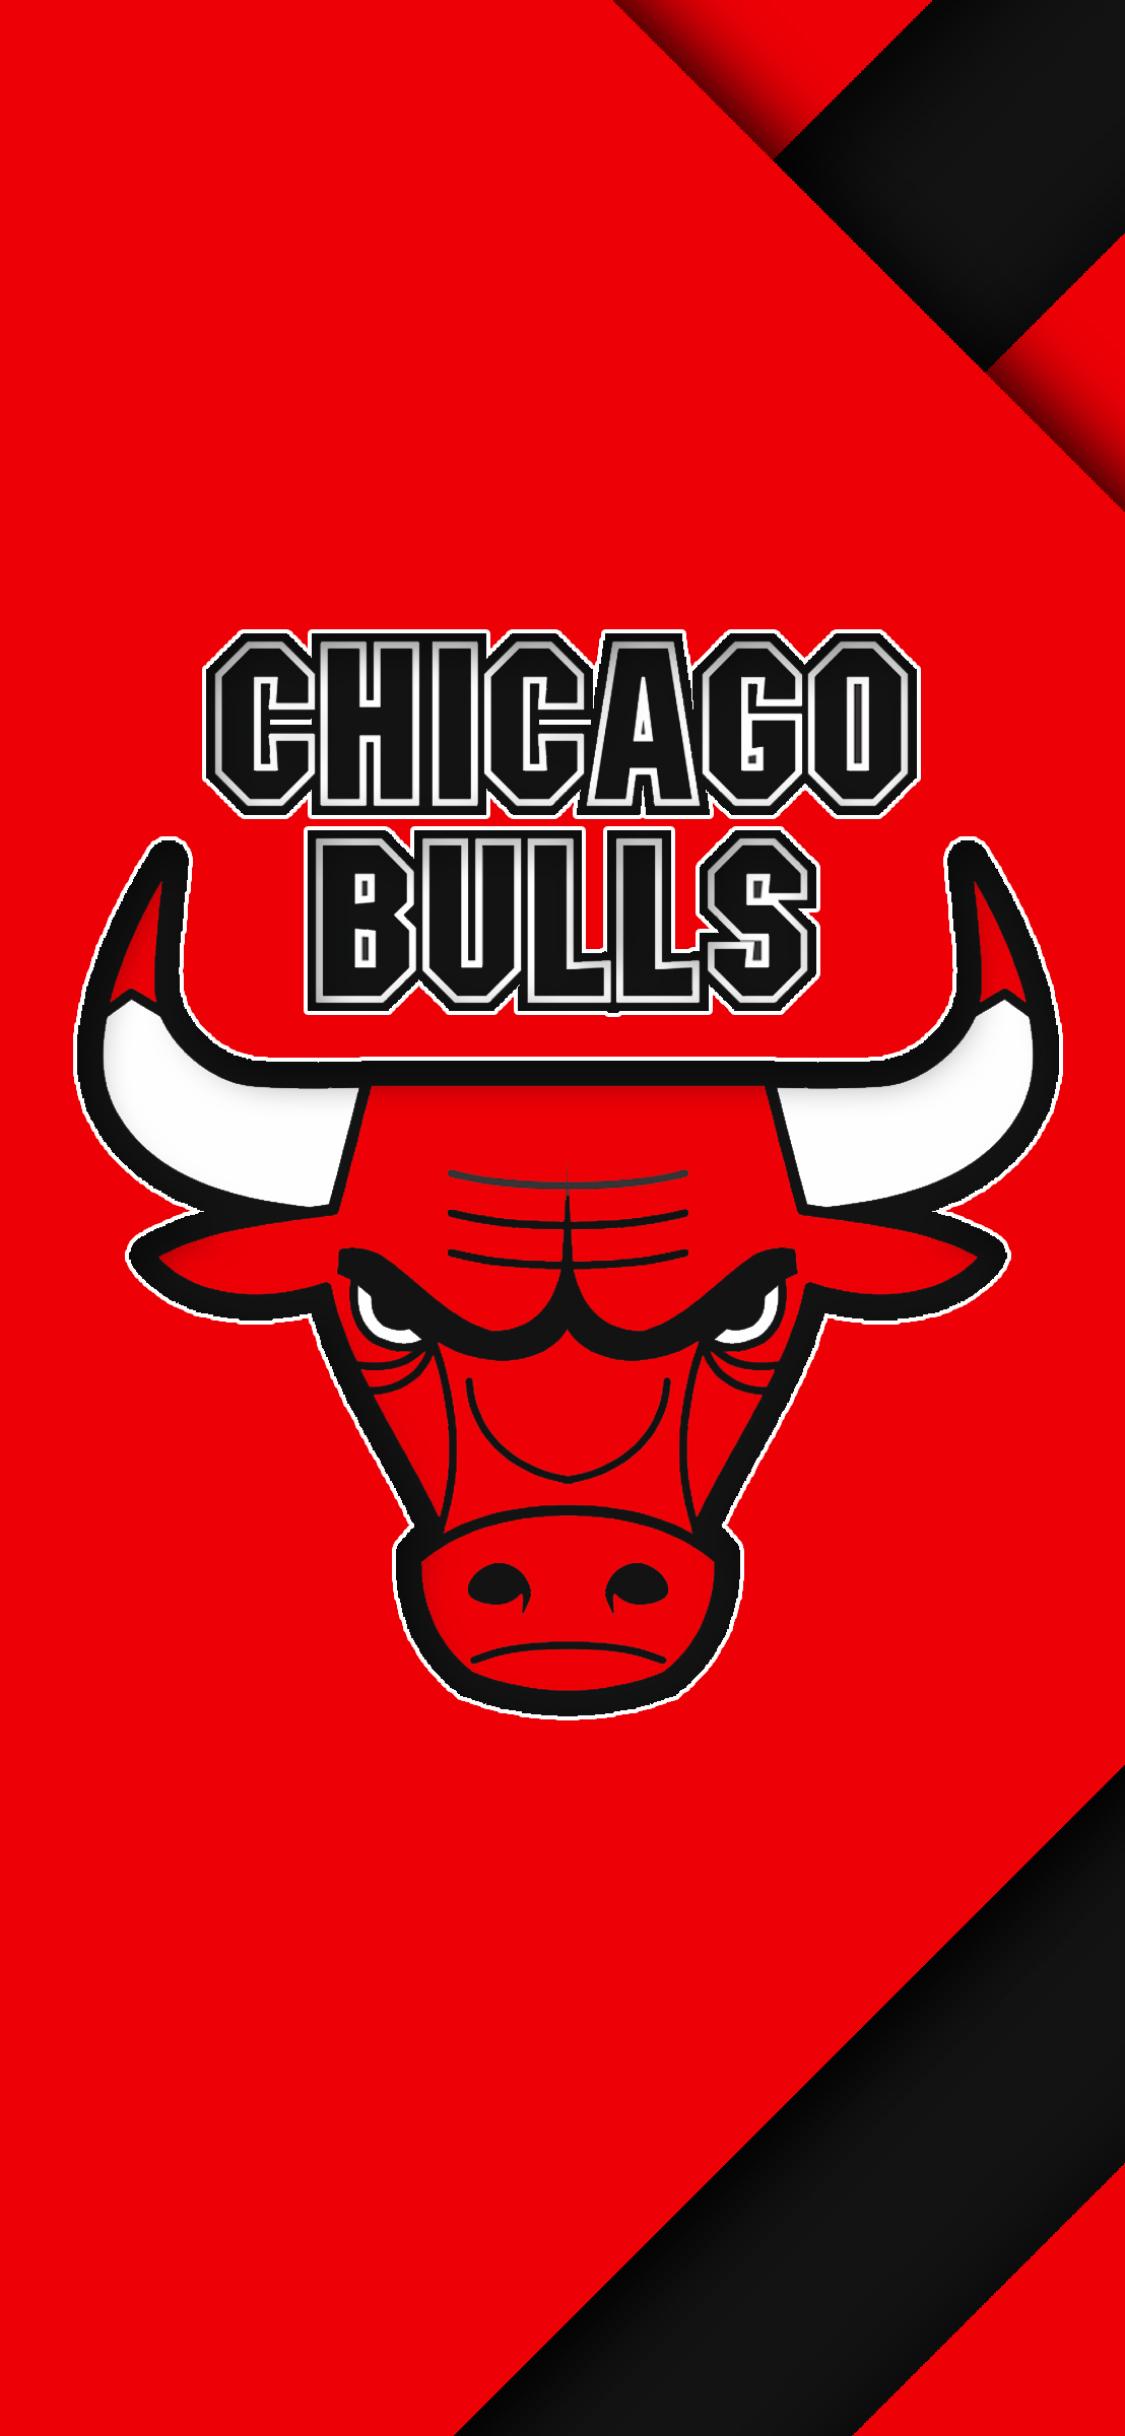 Sportschicago Bulls 1125x2436 Wallpaper Id 798815